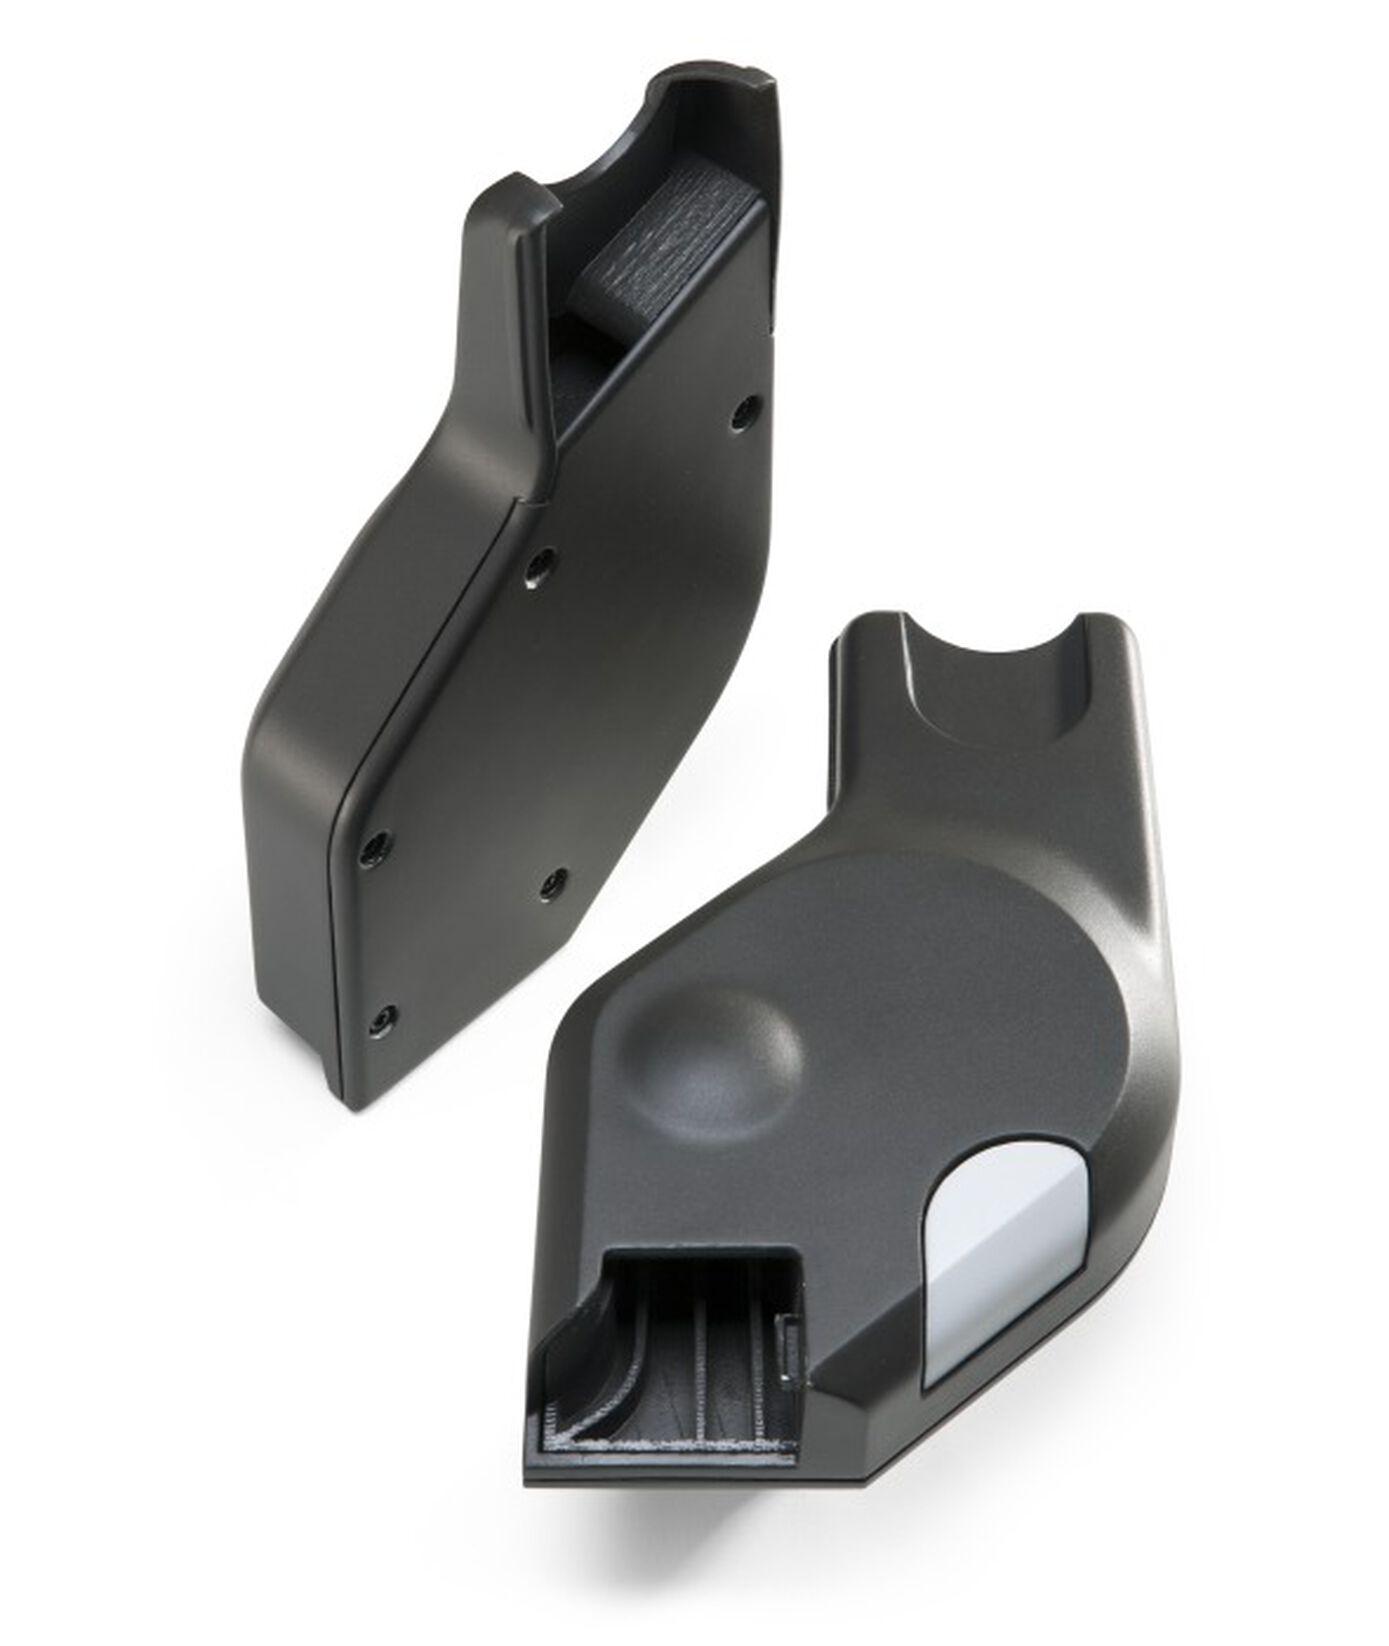 Autostolsadapter til Stokke® barnevogn, , mainview view 1